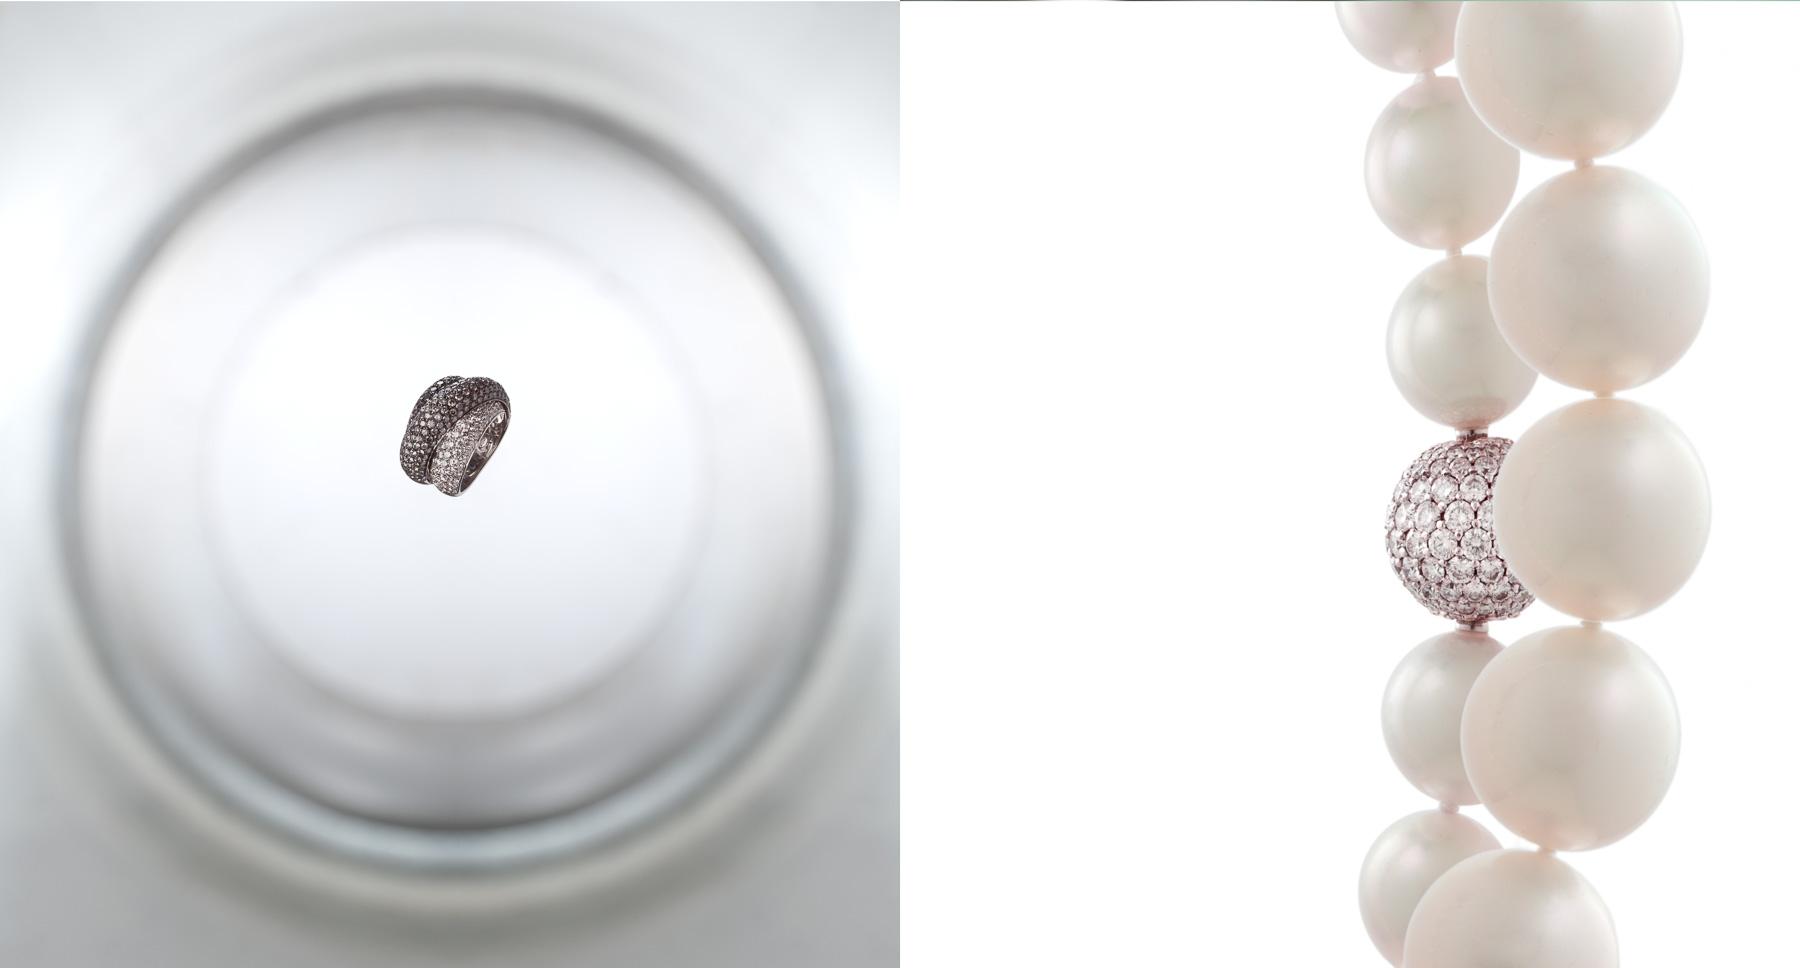 25.5 ct Quartz, 25.0 ct Citrine and 1.32 ct Diamond Ring in 18kt